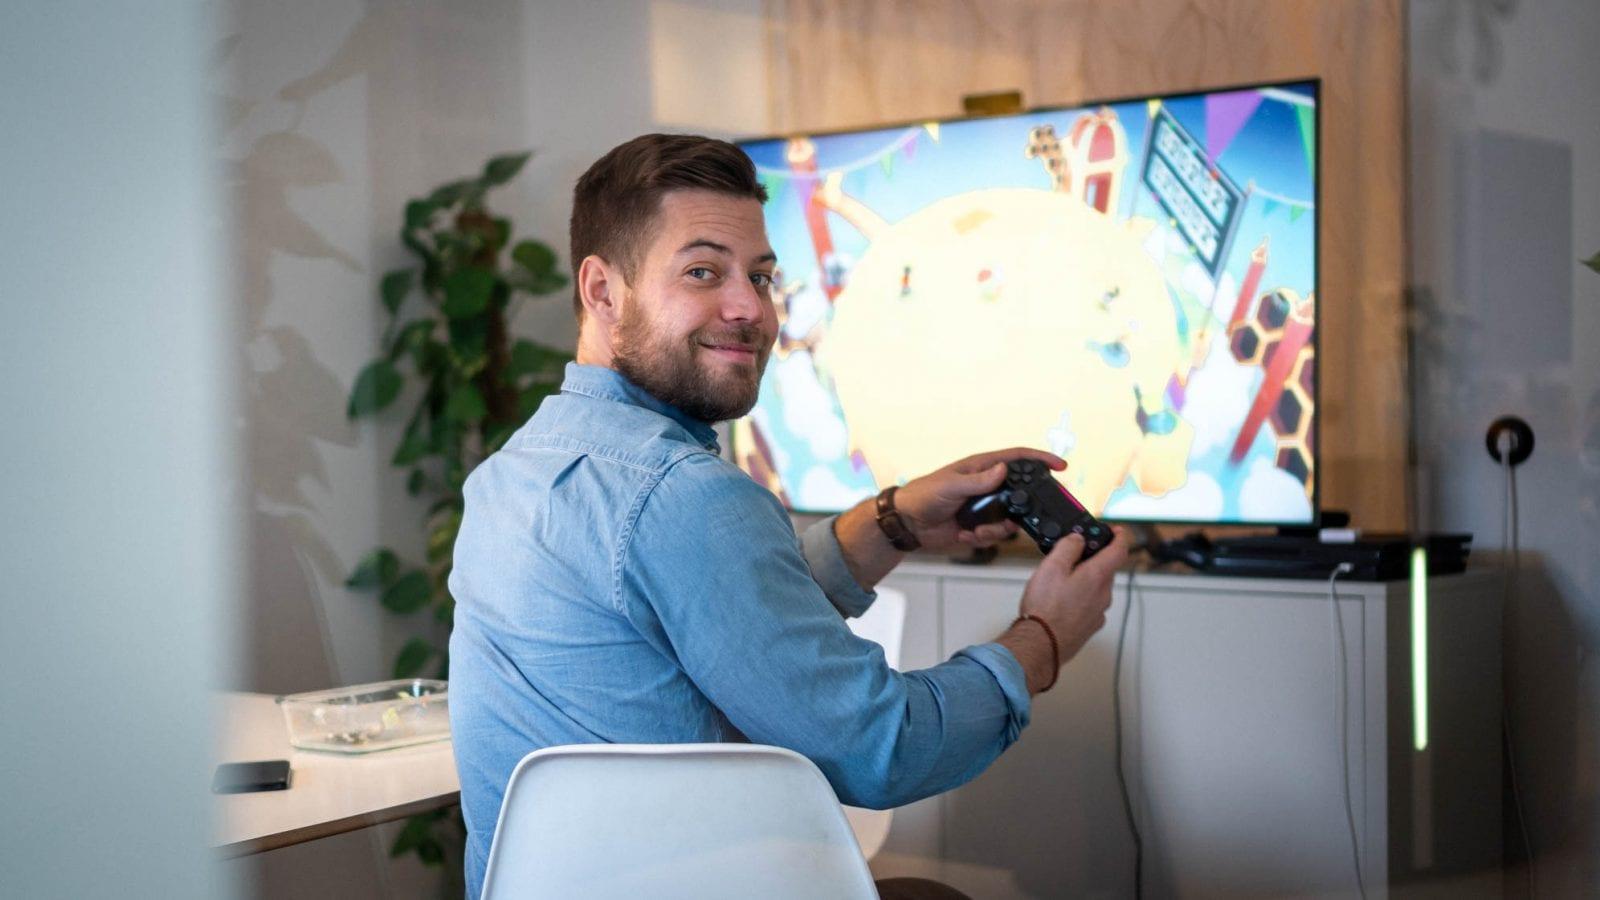 Nils spelar PS4